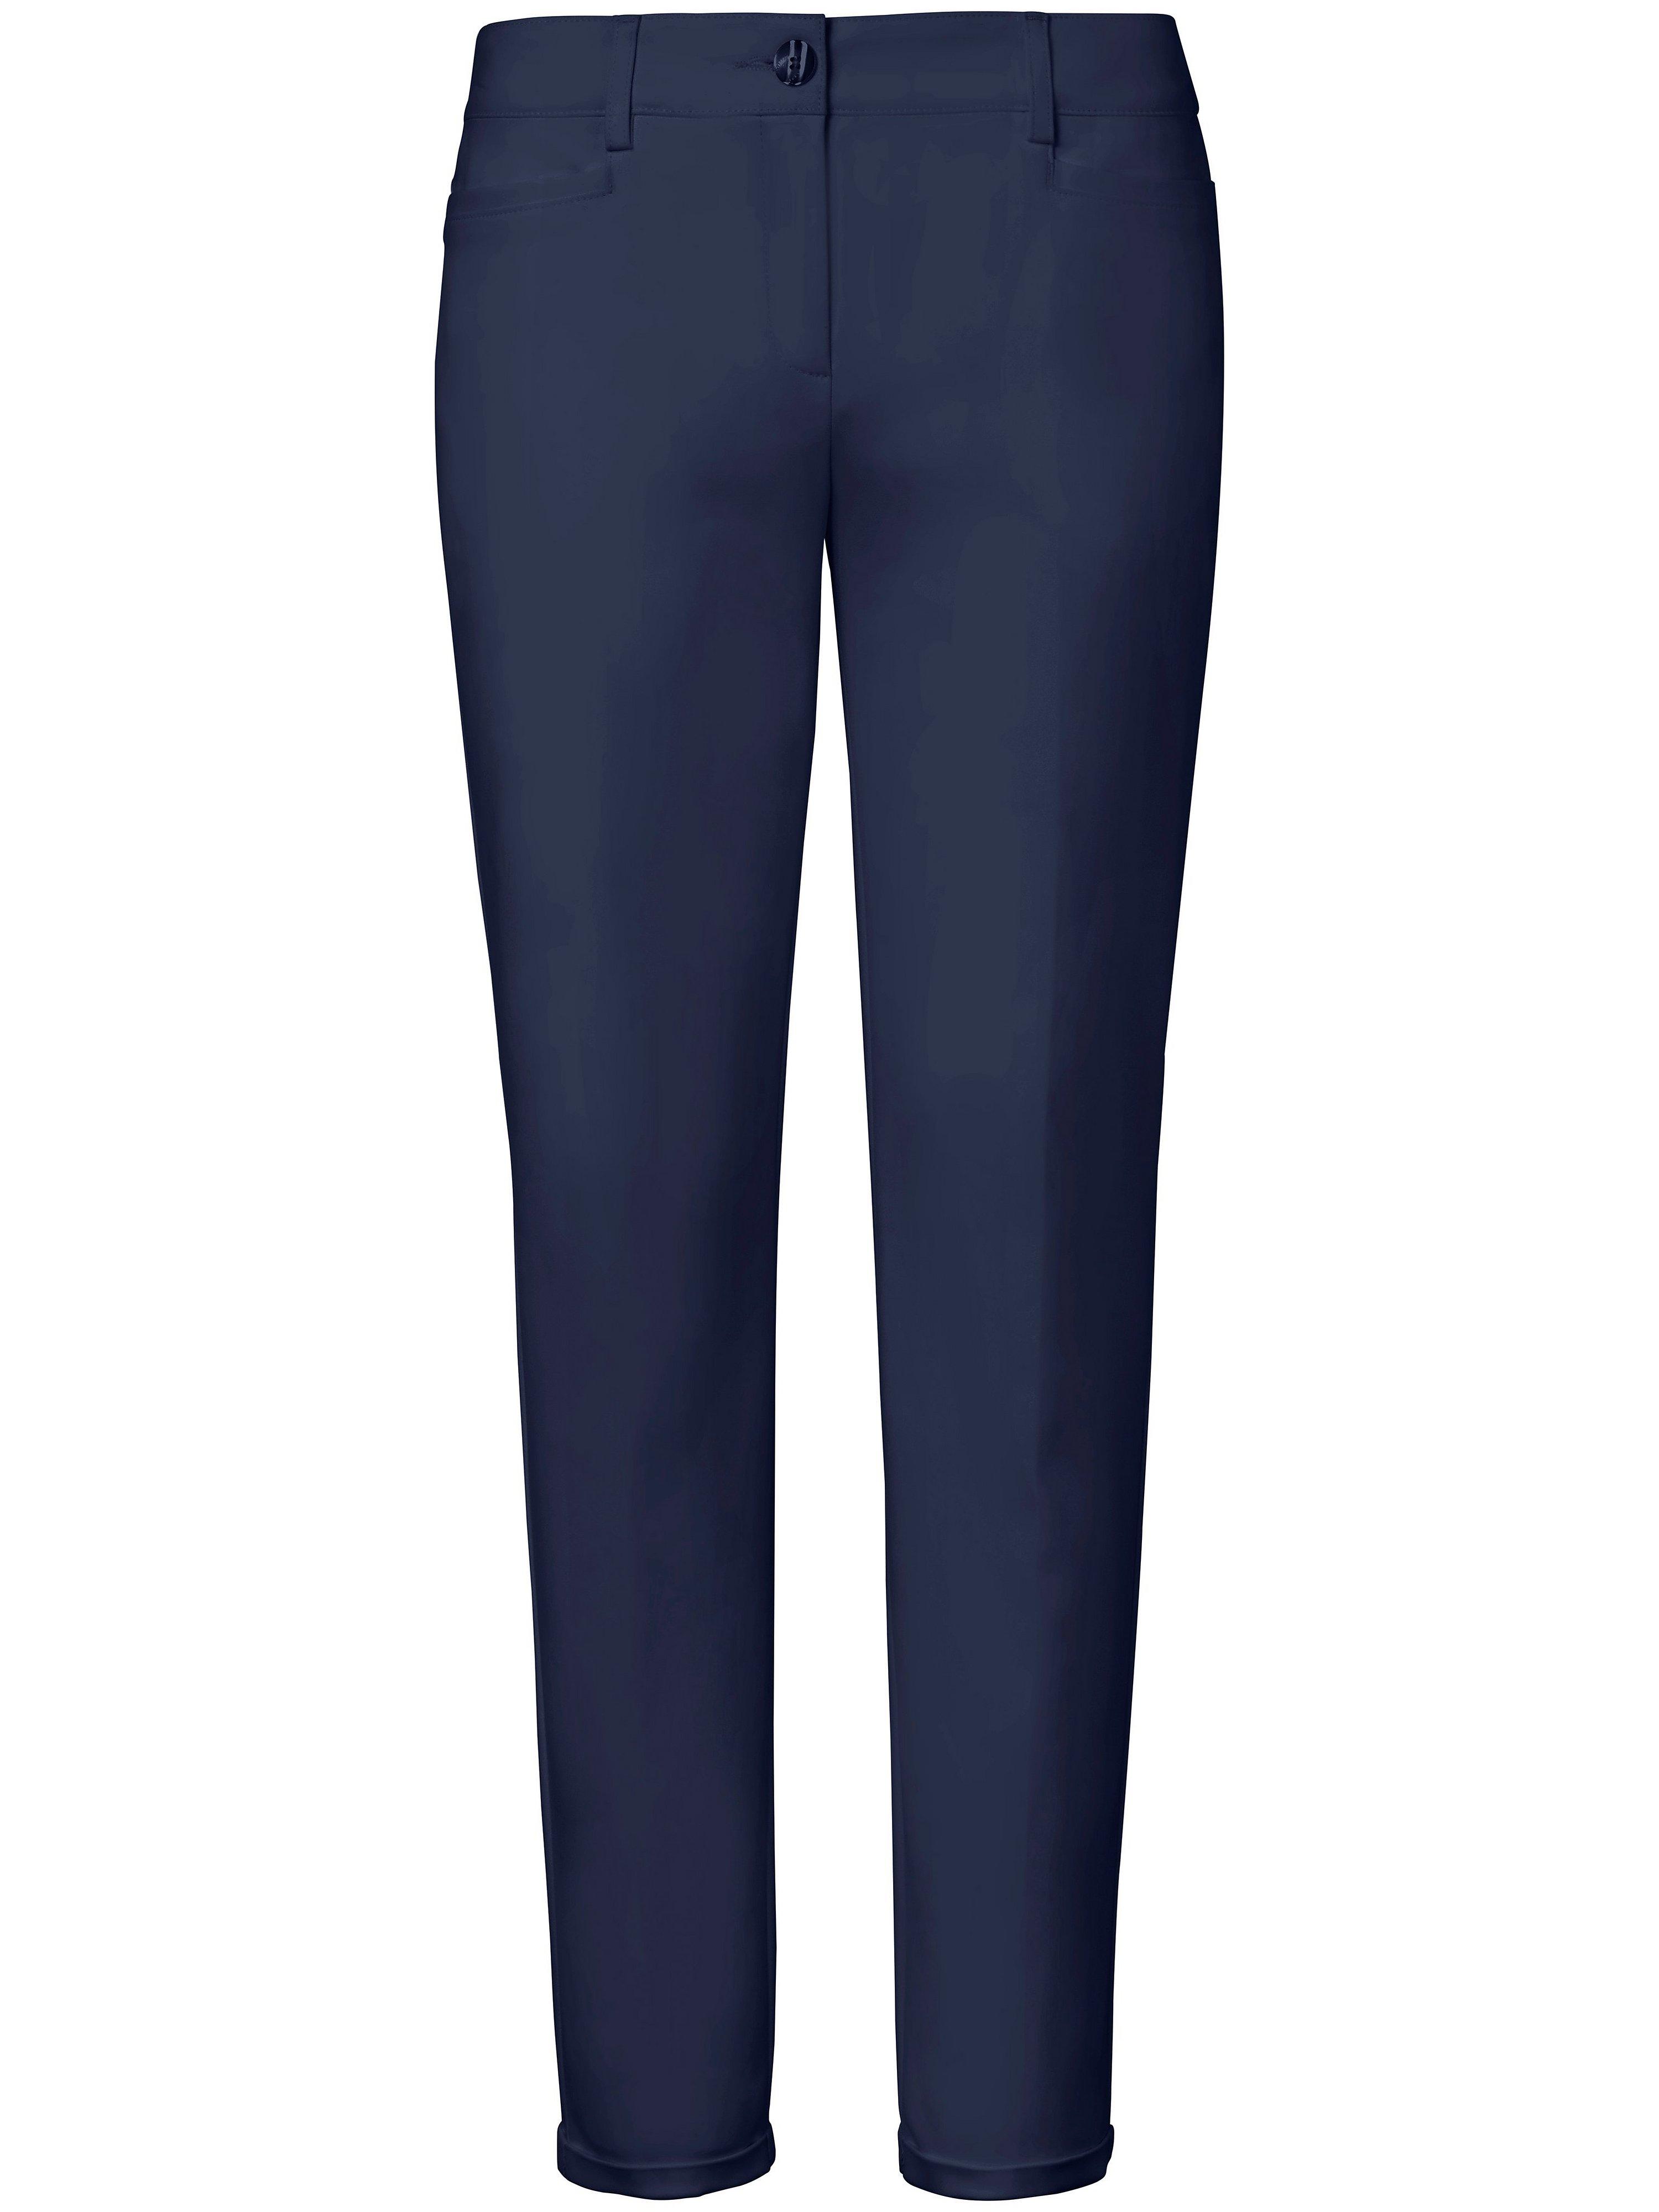 Enkellange pantalon Van Fadenmeister Berlin blauw